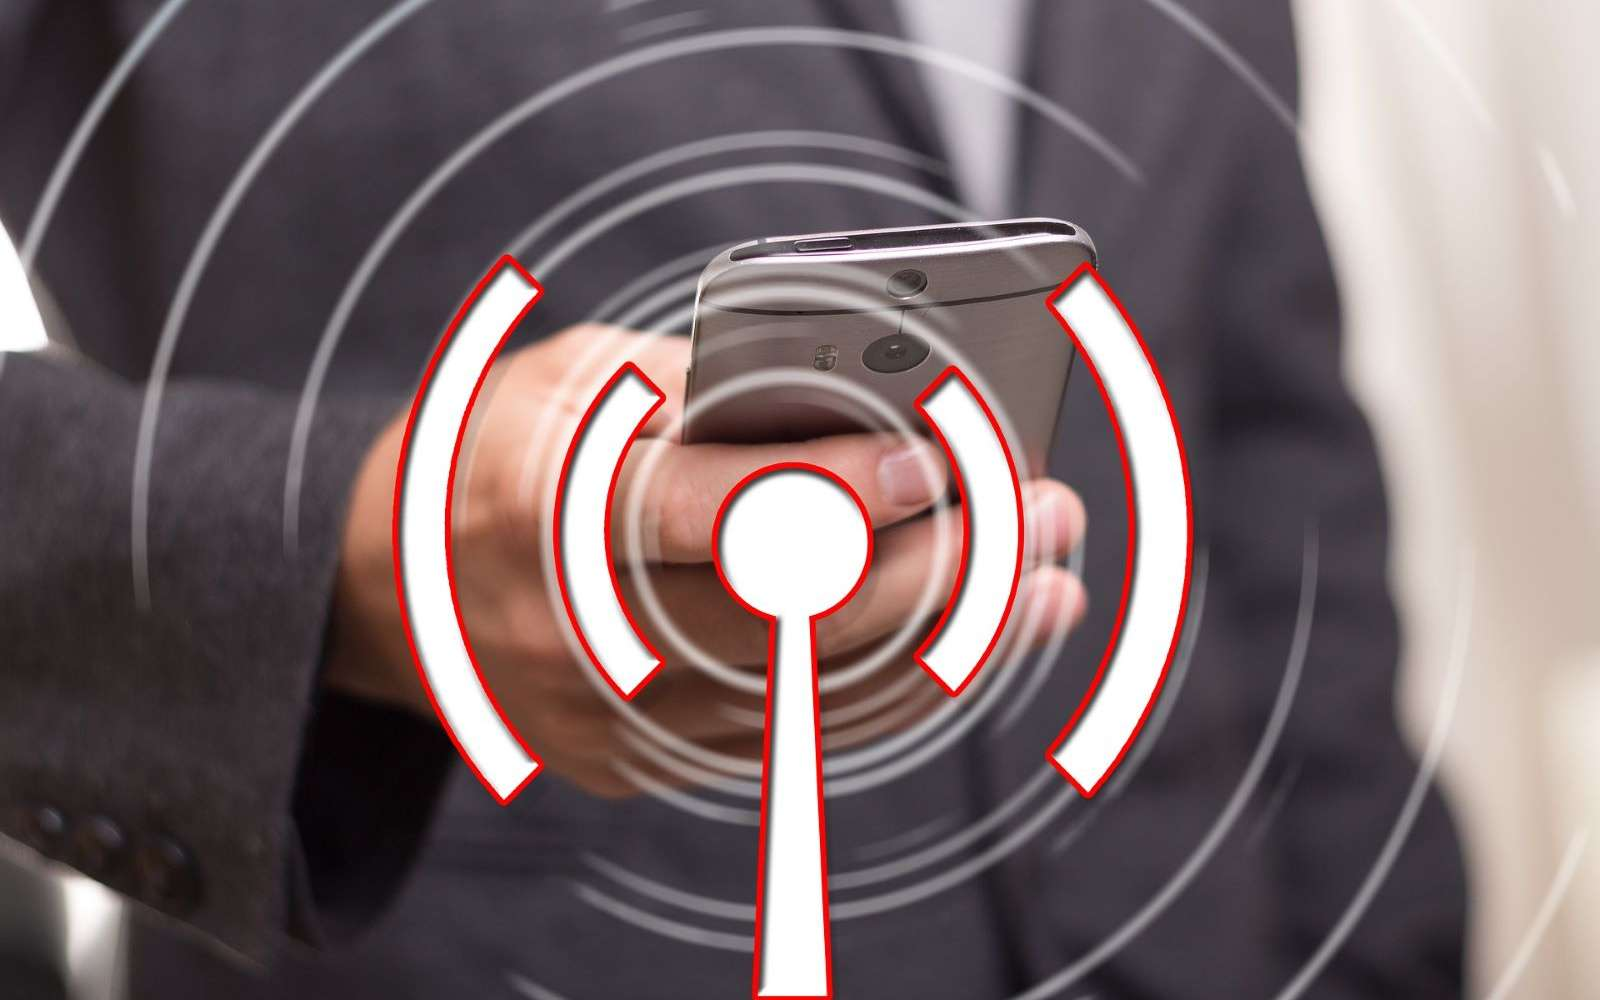 La prochaine norme Wi-Fi pourrait détecter les mouvements, et même la respiration. © Geralt, Pixabay